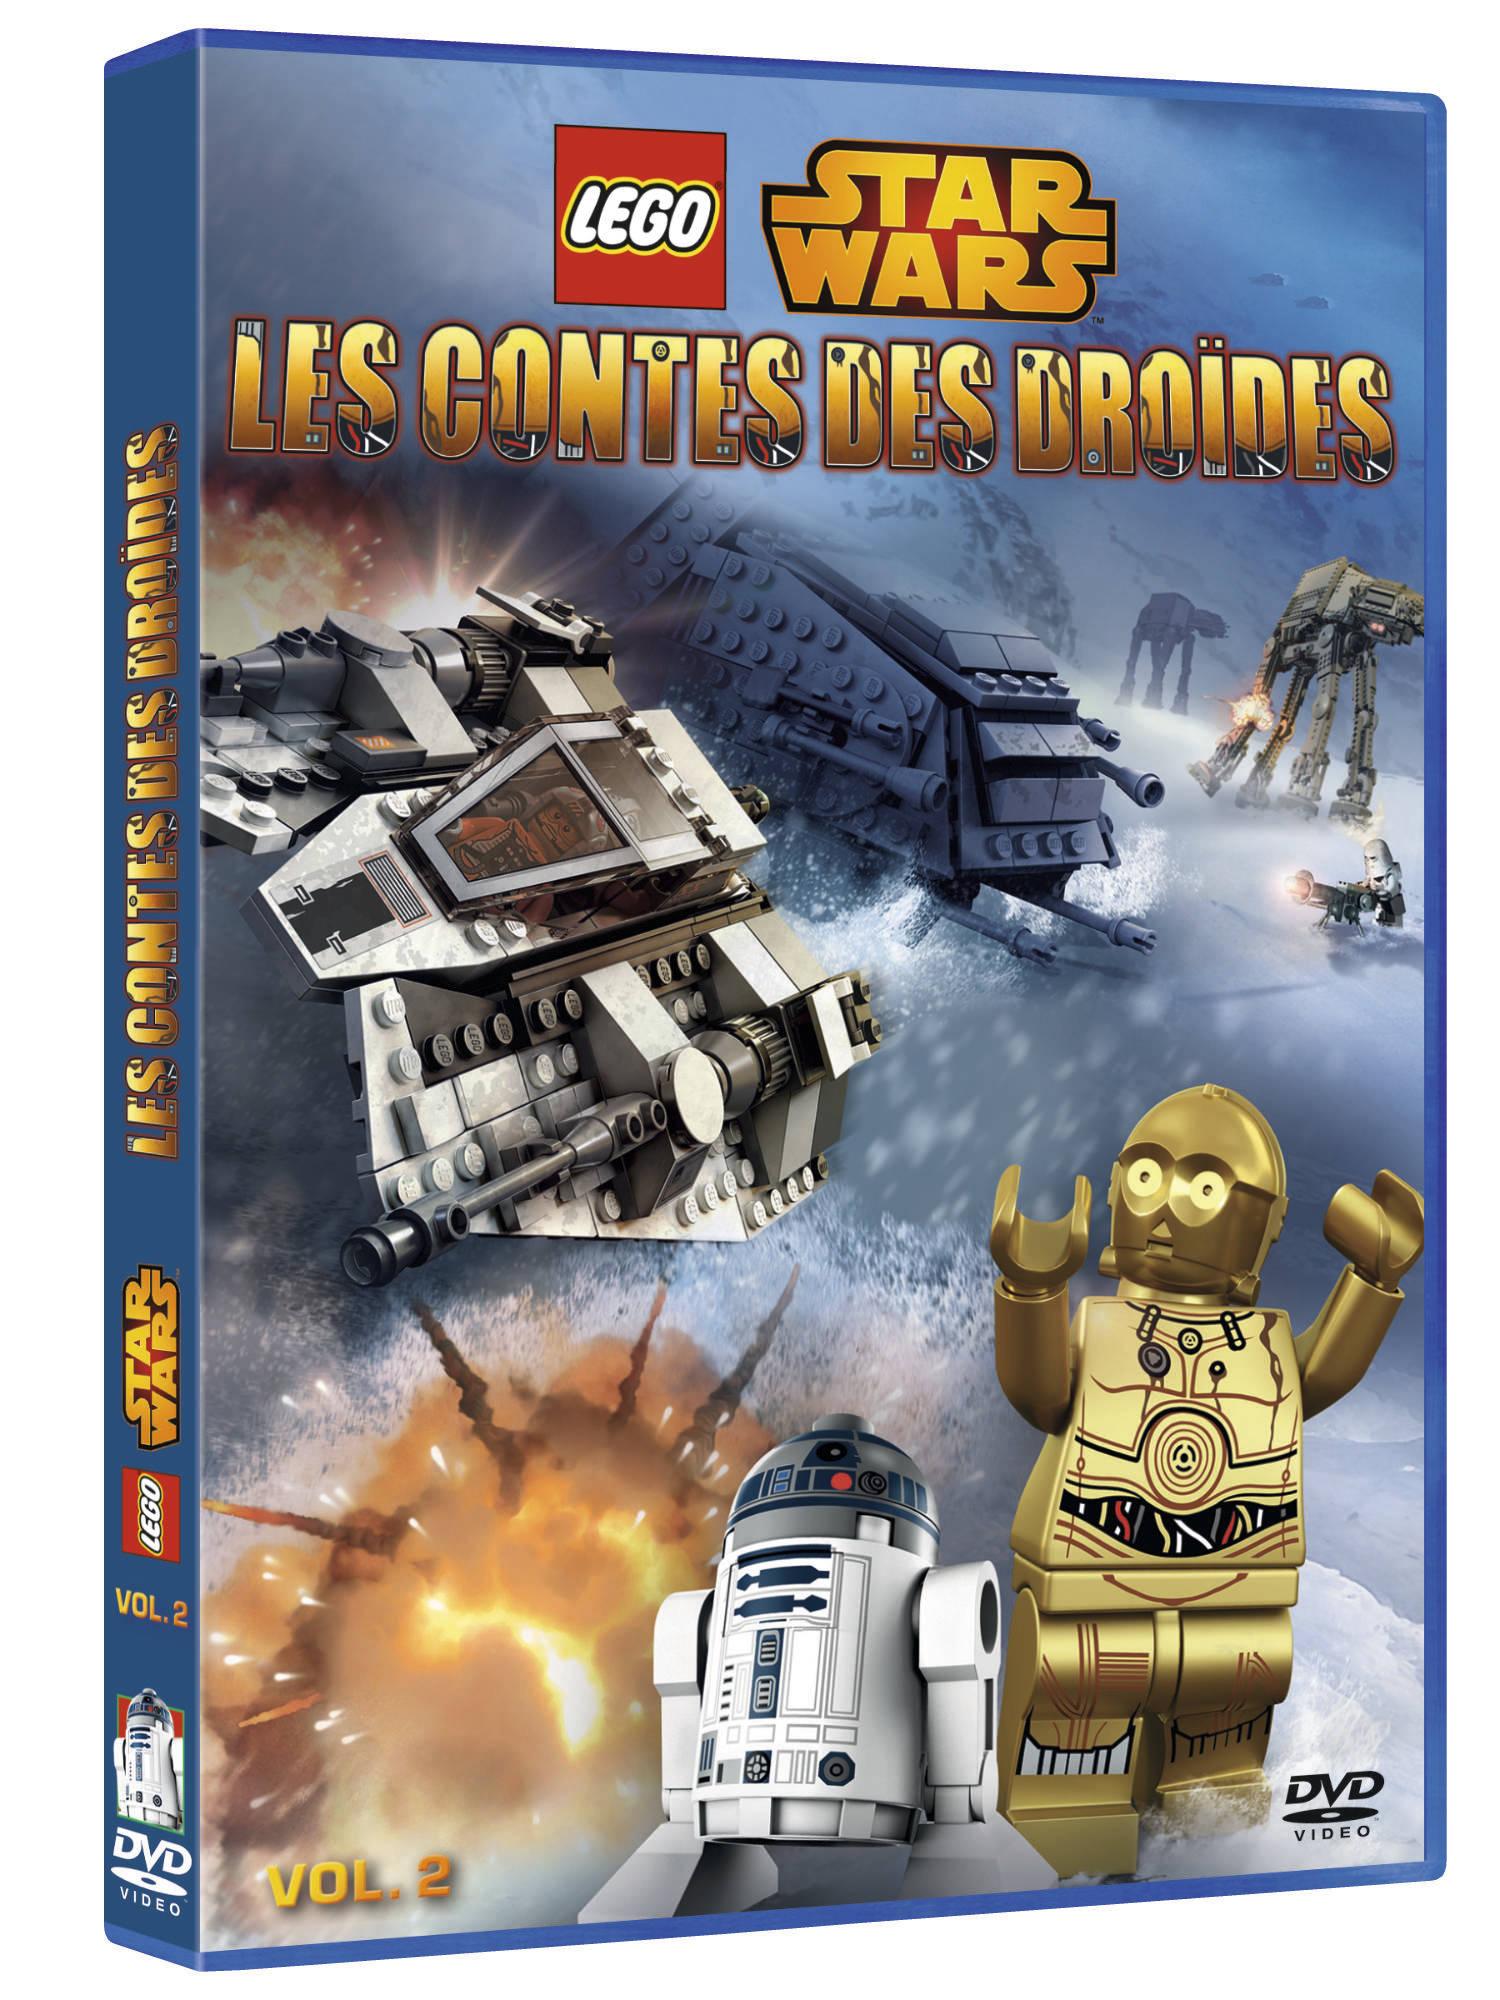 vis_DVD_Lego_Star_Wars_Les_contes_des_droides_volume2